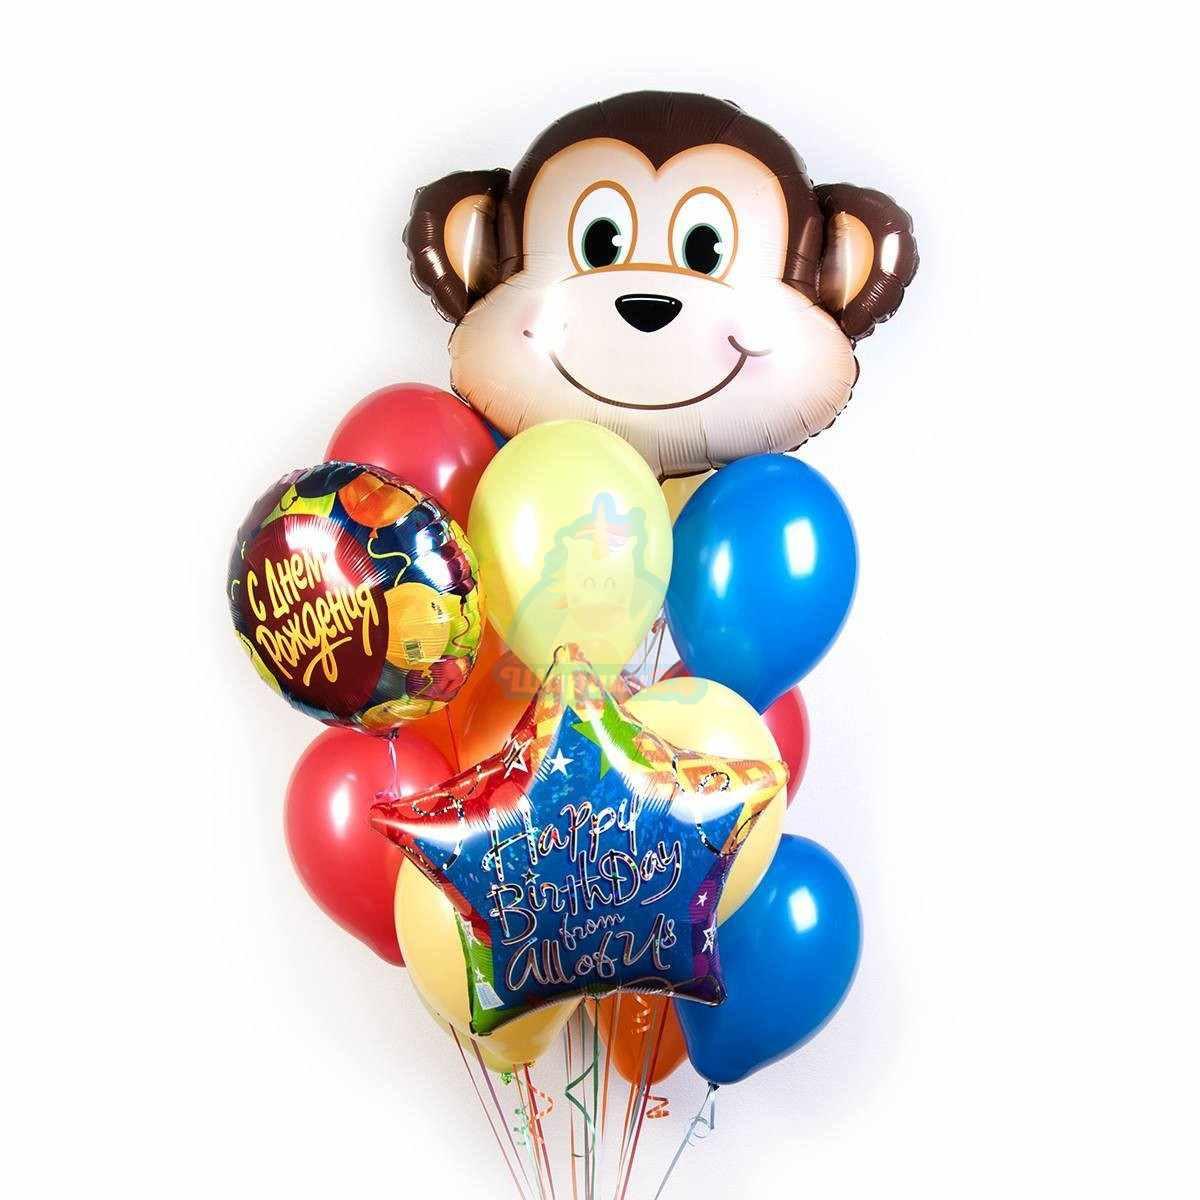 Букет С днем рождения с обезьянкой фото в интернет-магазине Шарики 24